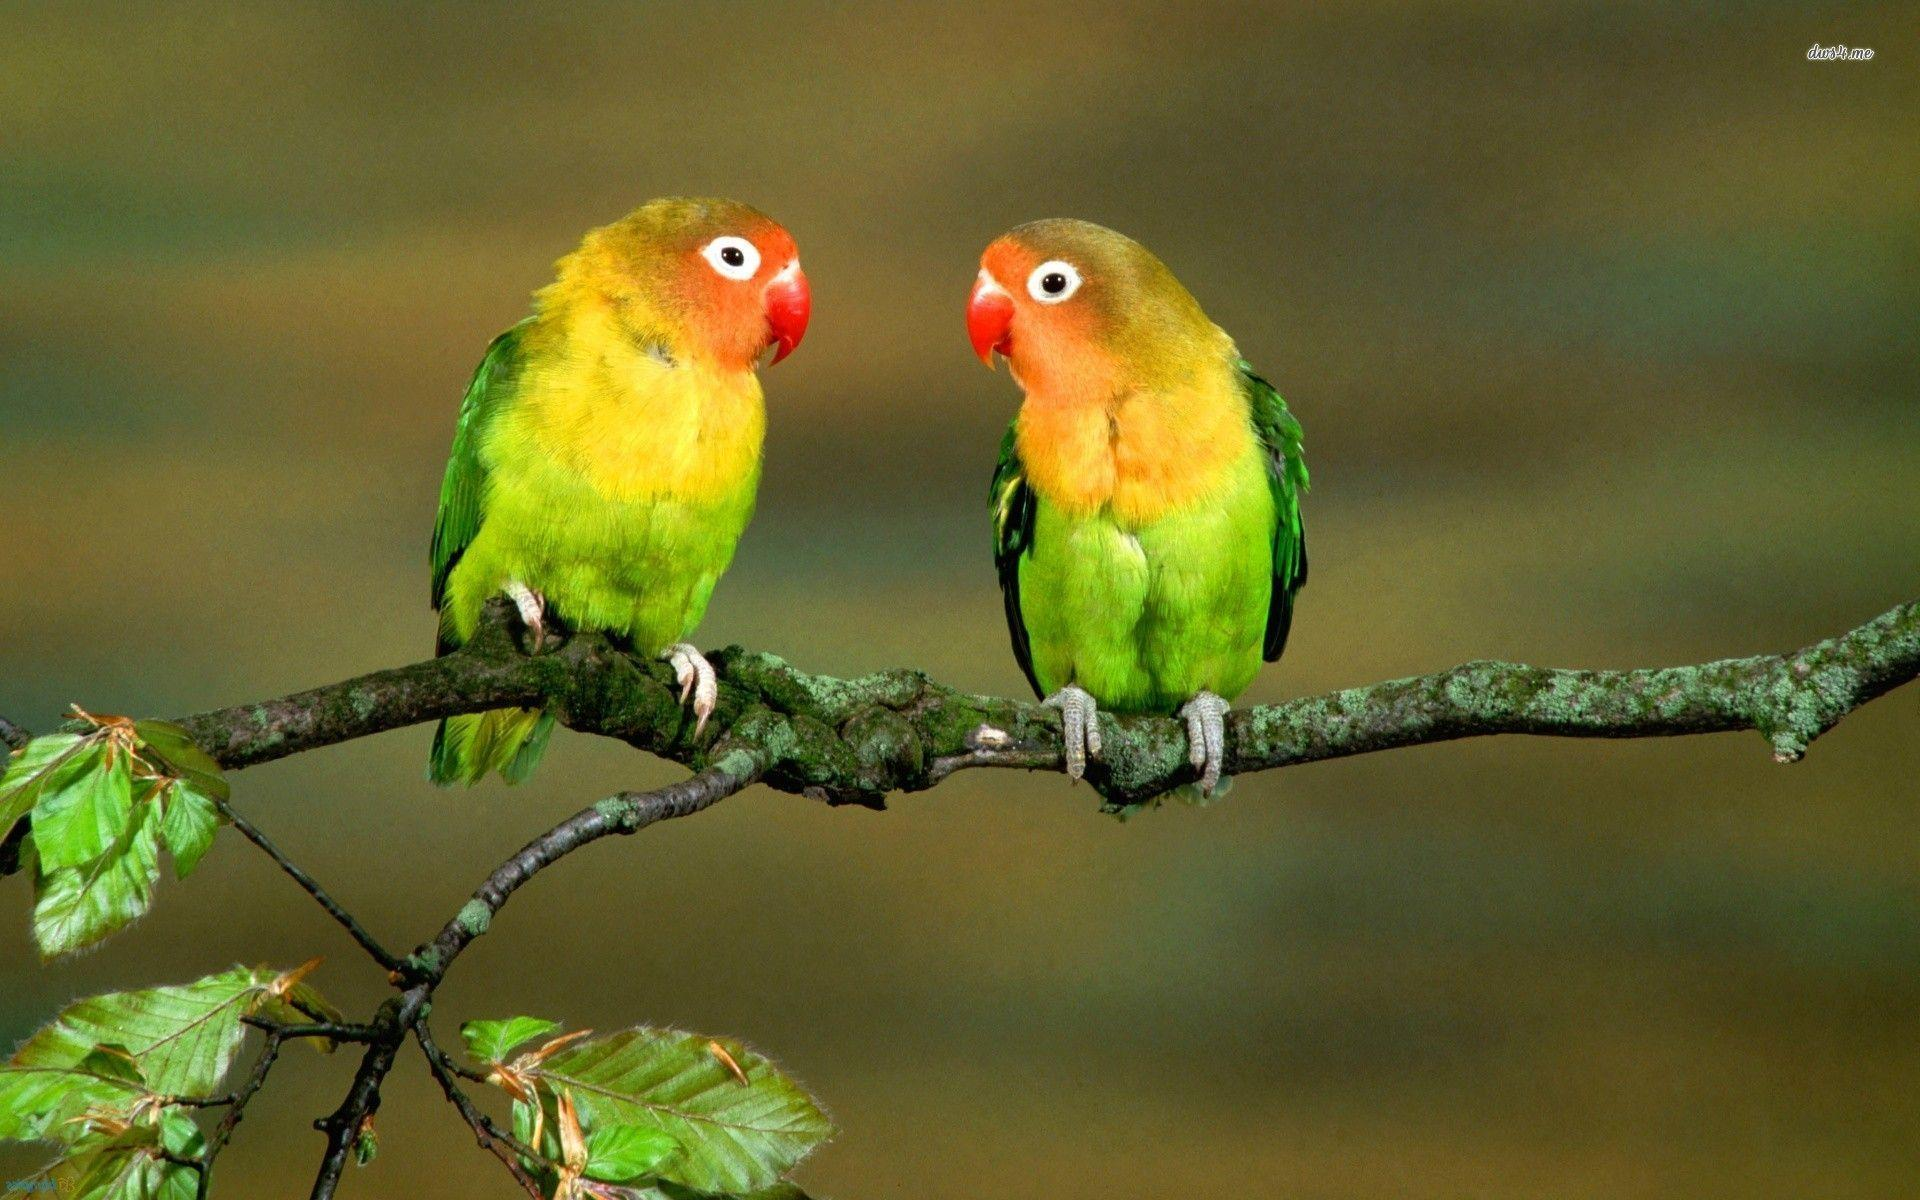 Wallpapers Love Birds: Wallpapers Of Love Birds